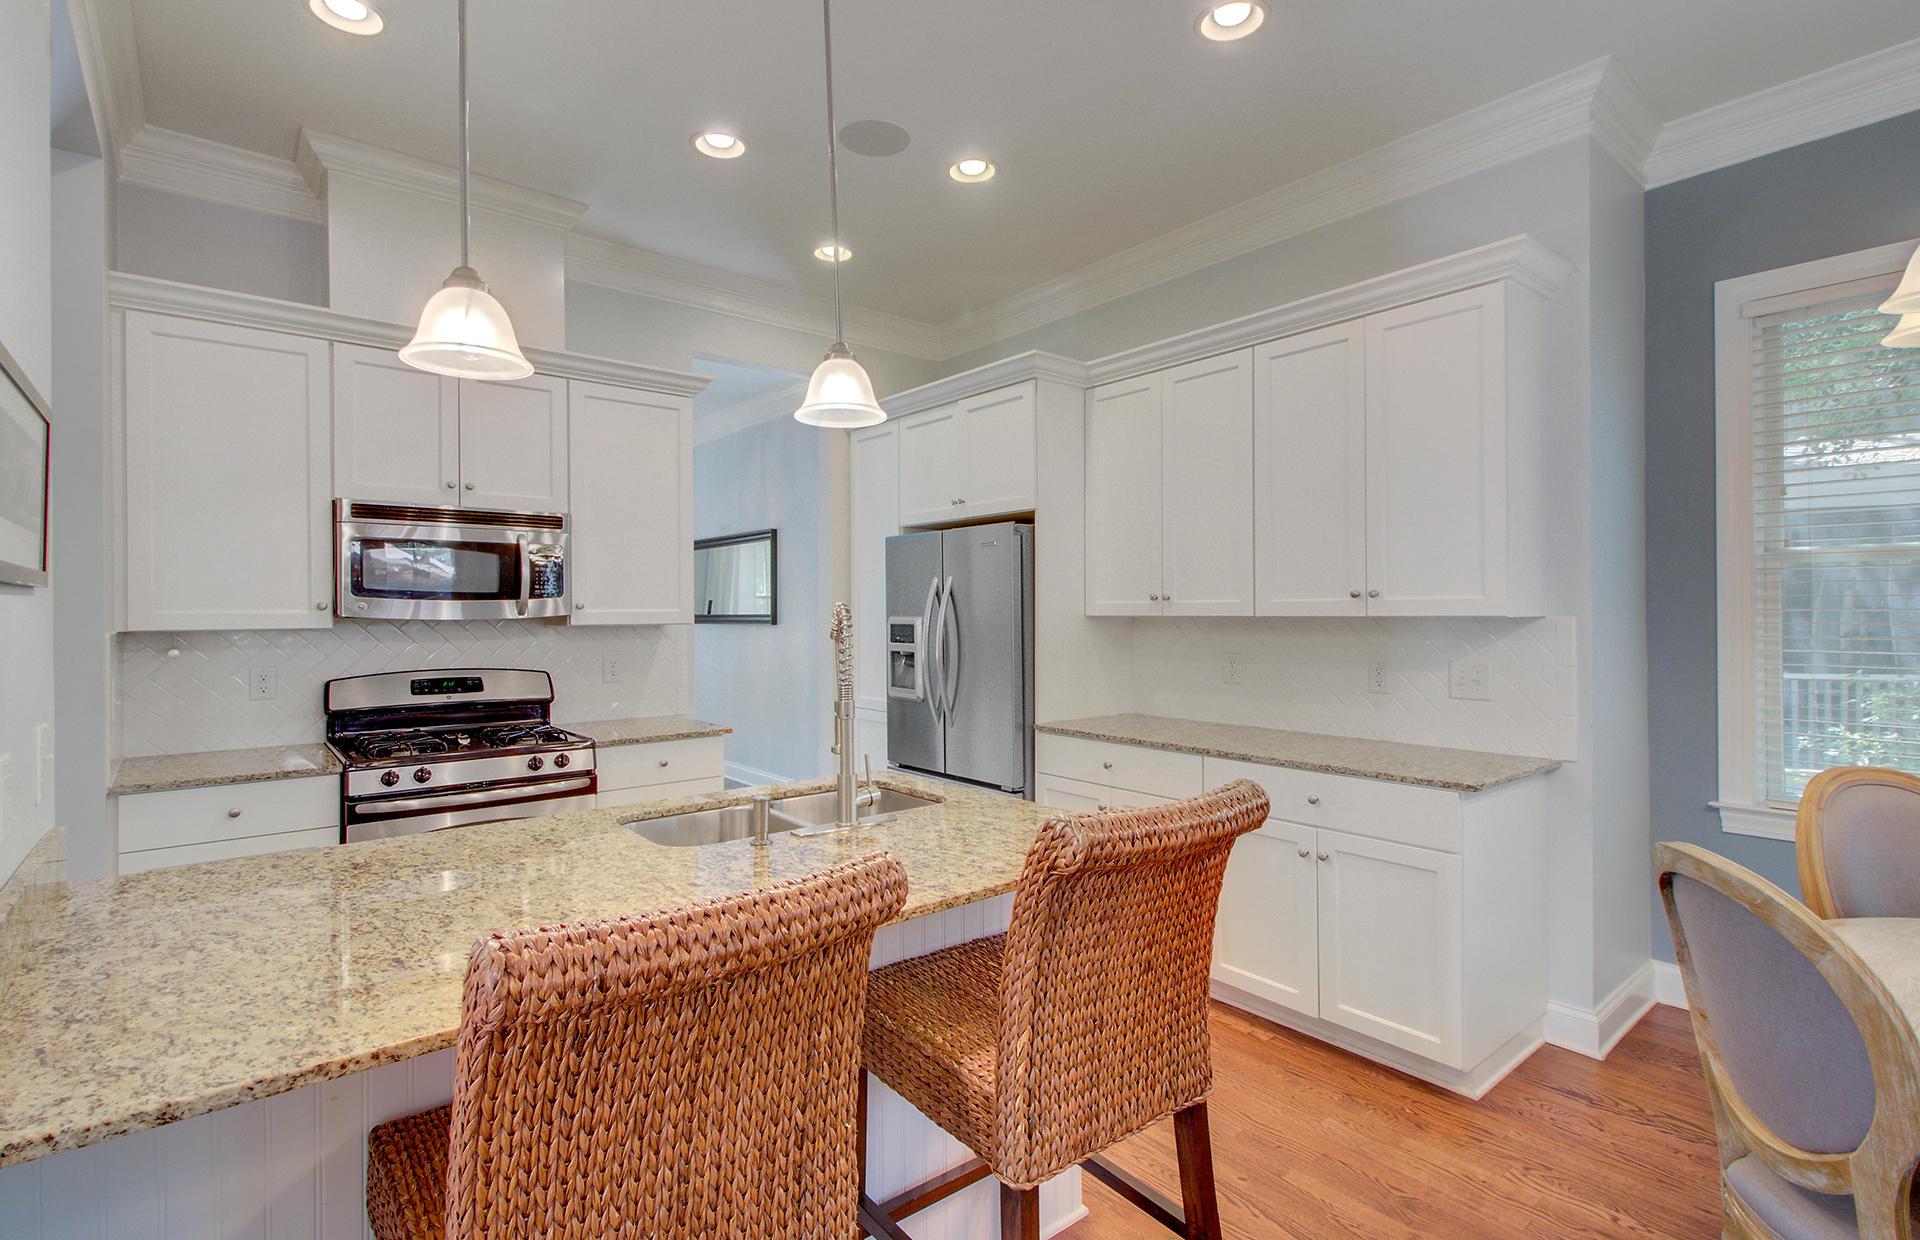 Phillips Park Homes For Sale - 1129 Phillips Park, Mount Pleasant, SC - 11